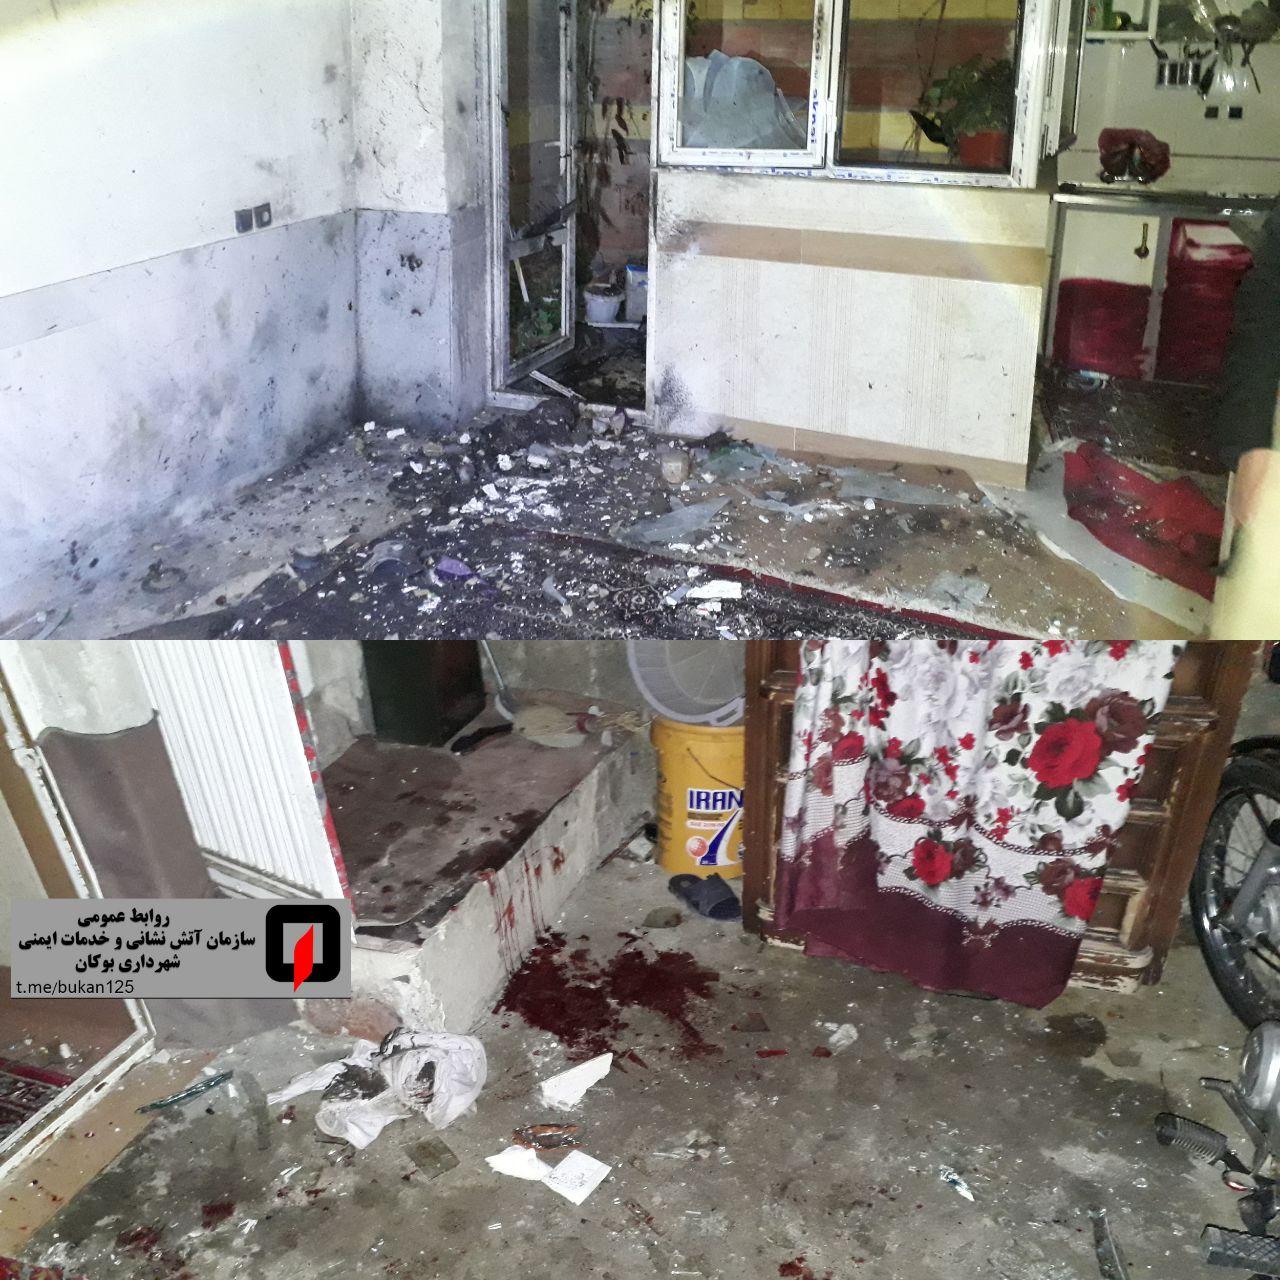 انفجار مواد محترقه در منزلی در بوکان با یک قطع عضو و سوختگی شدید سە نفر